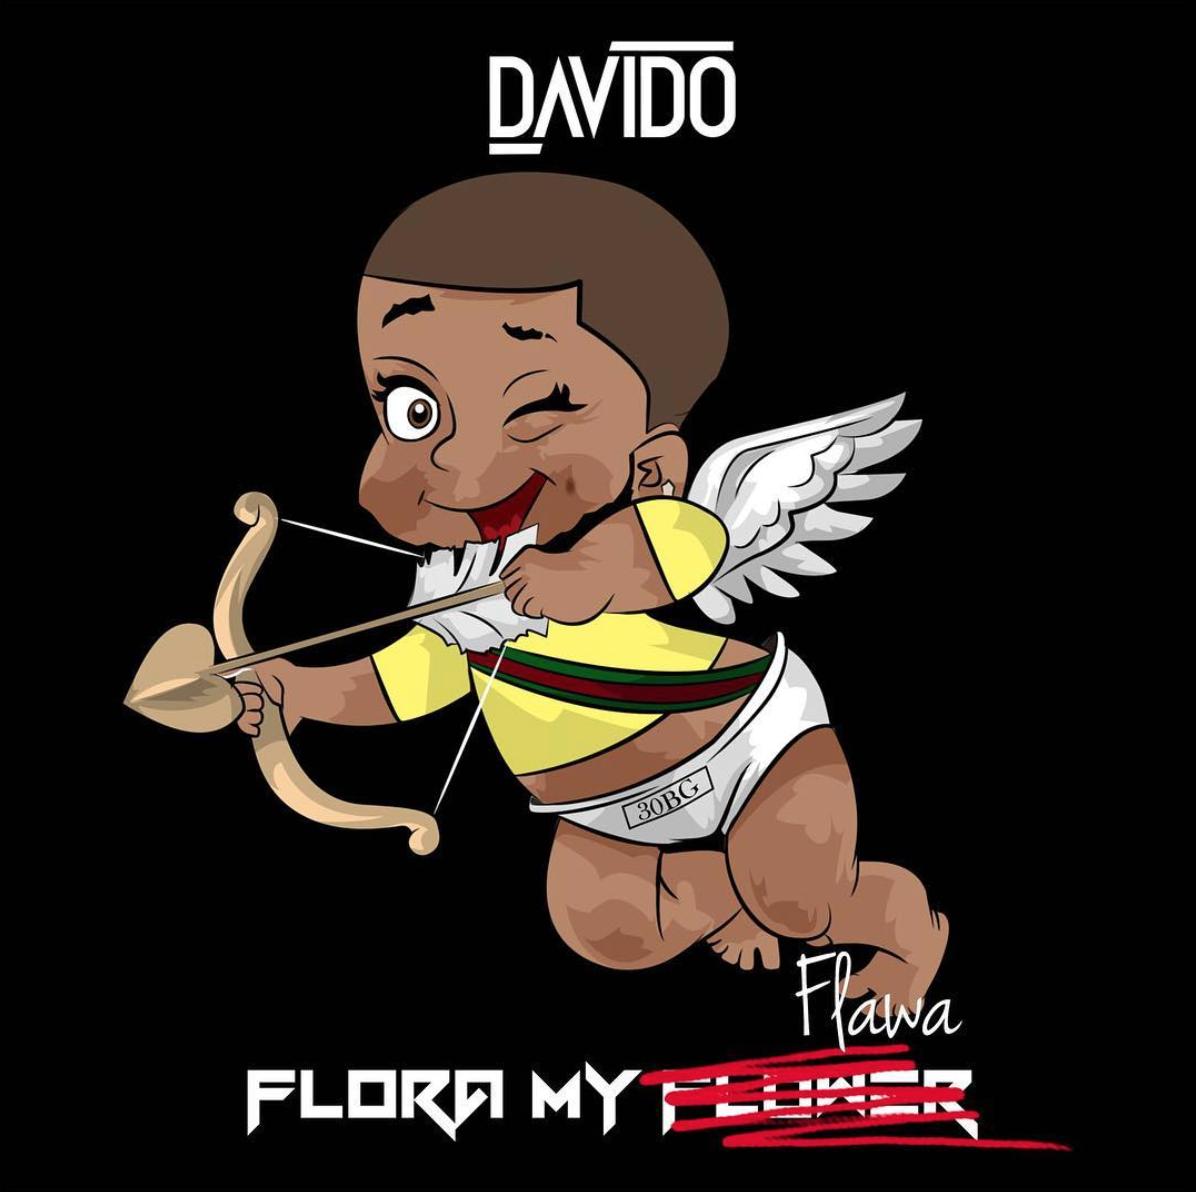 Davido - Flora My Flawa (FMF)